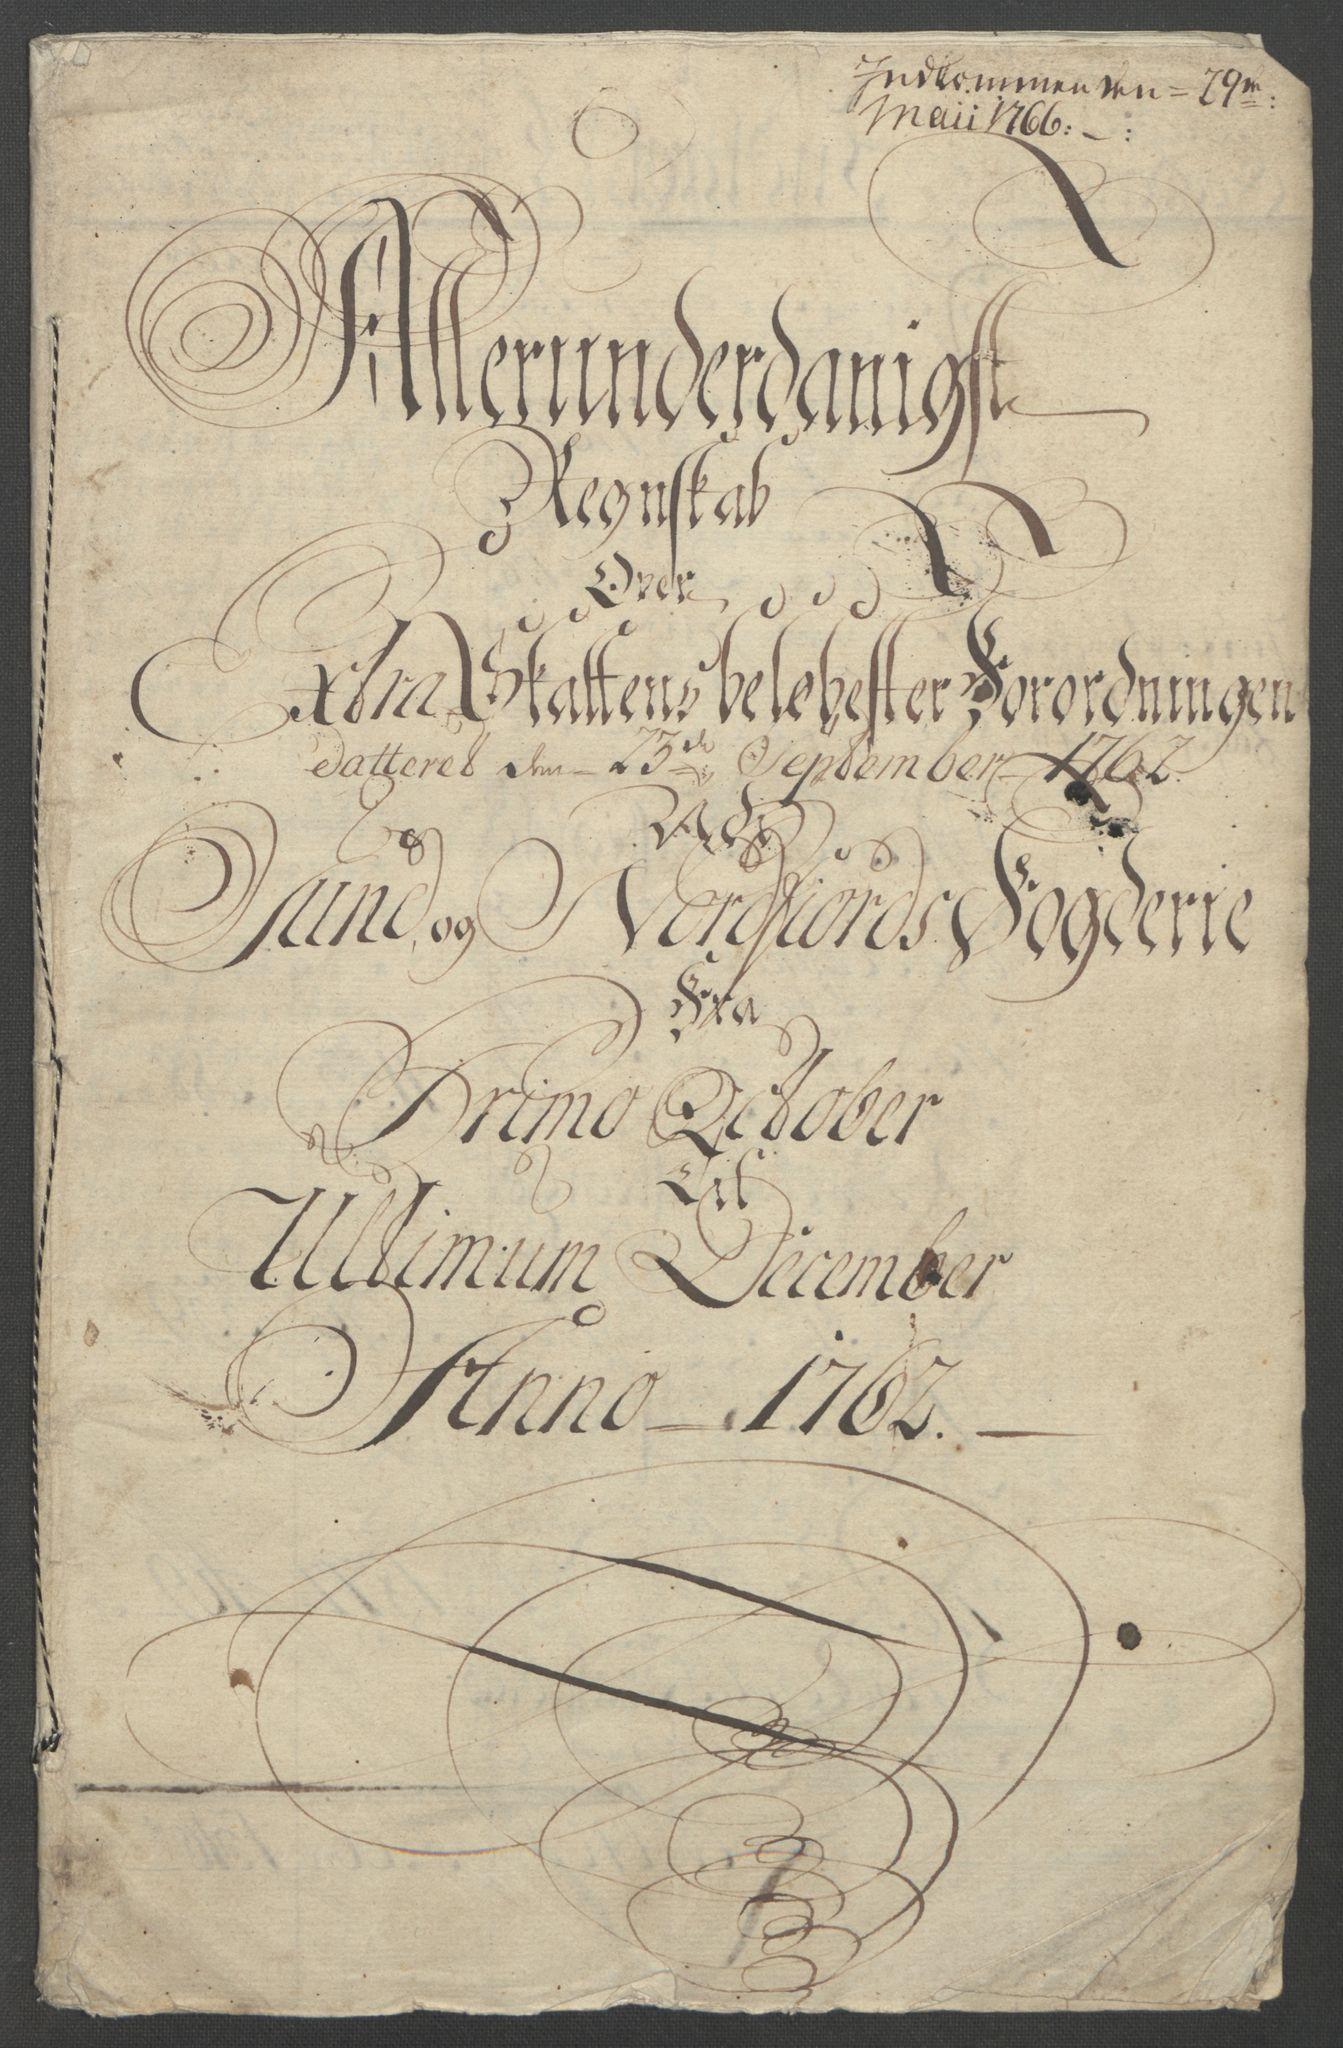 RA, Rentekammeret inntil 1814, Reviderte regnskaper, Fogderegnskap, R53/L3550: Ekstraskatten Sunn- og Nordfjord, 1762-1771, s. 5